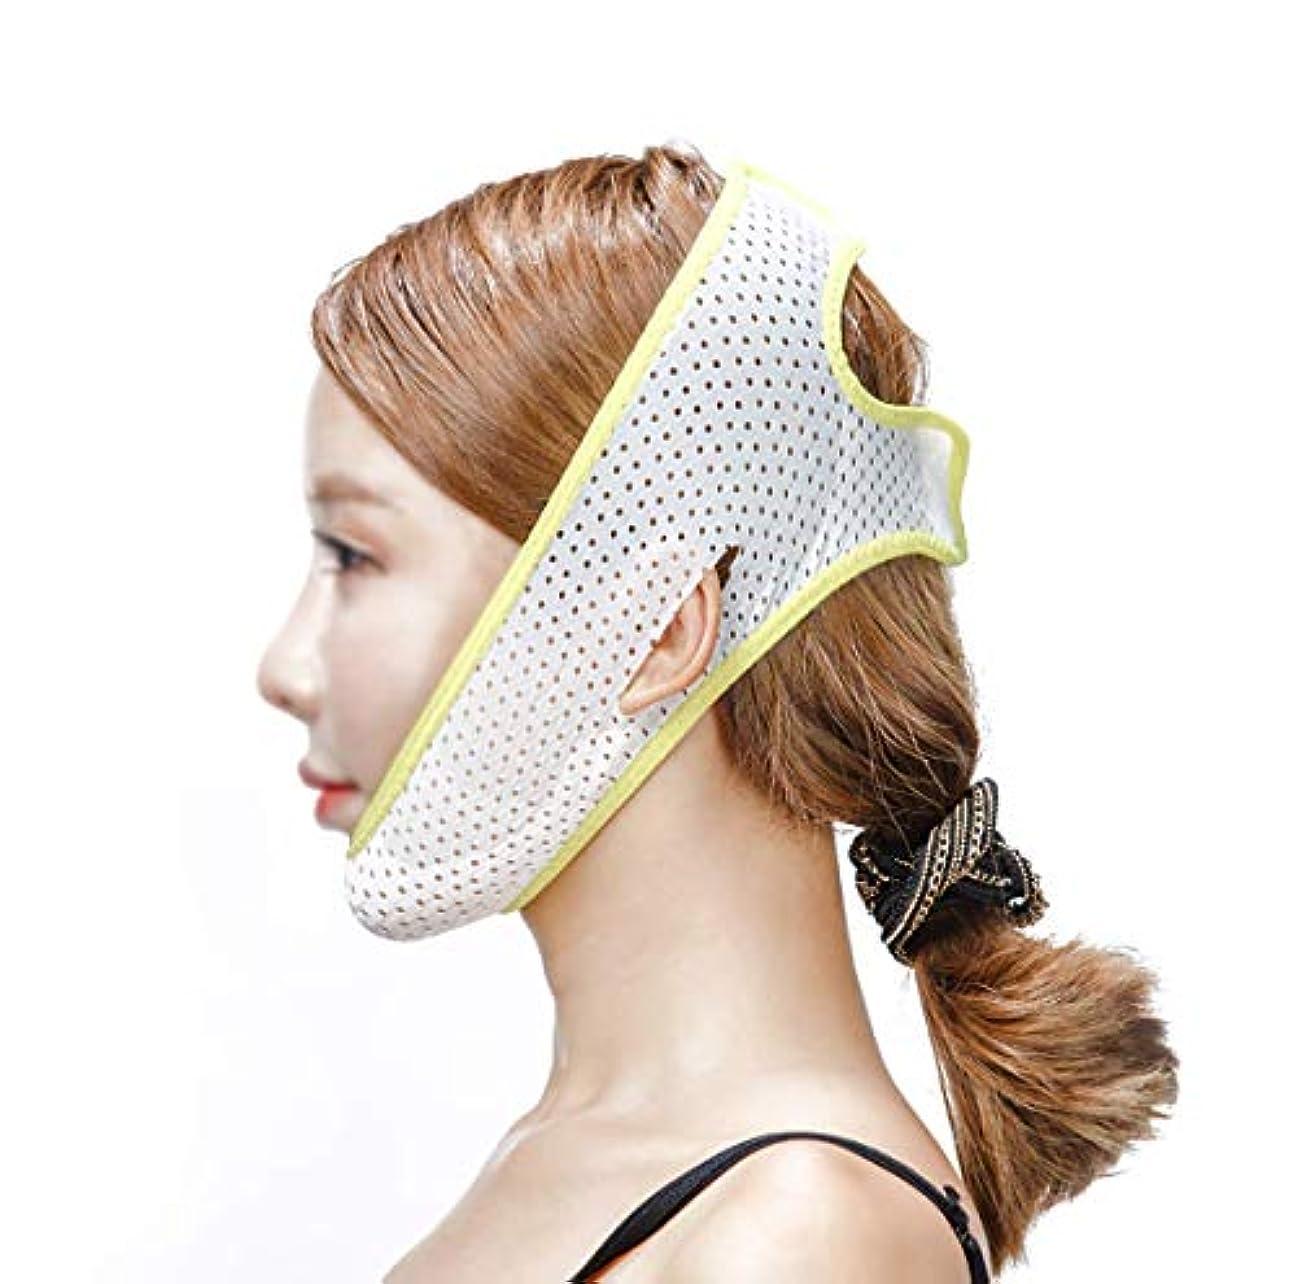 ウォーターフロントパウダー幸運なフェイスリフトマスク、あごストラップ回復包帯睡眠薄いフェイス包帯薄いフェイスマスクフェイスリフトアーチファクトフェイスリフトで小さいV顔を強化する美容マスク包帯(色:黄色と白)